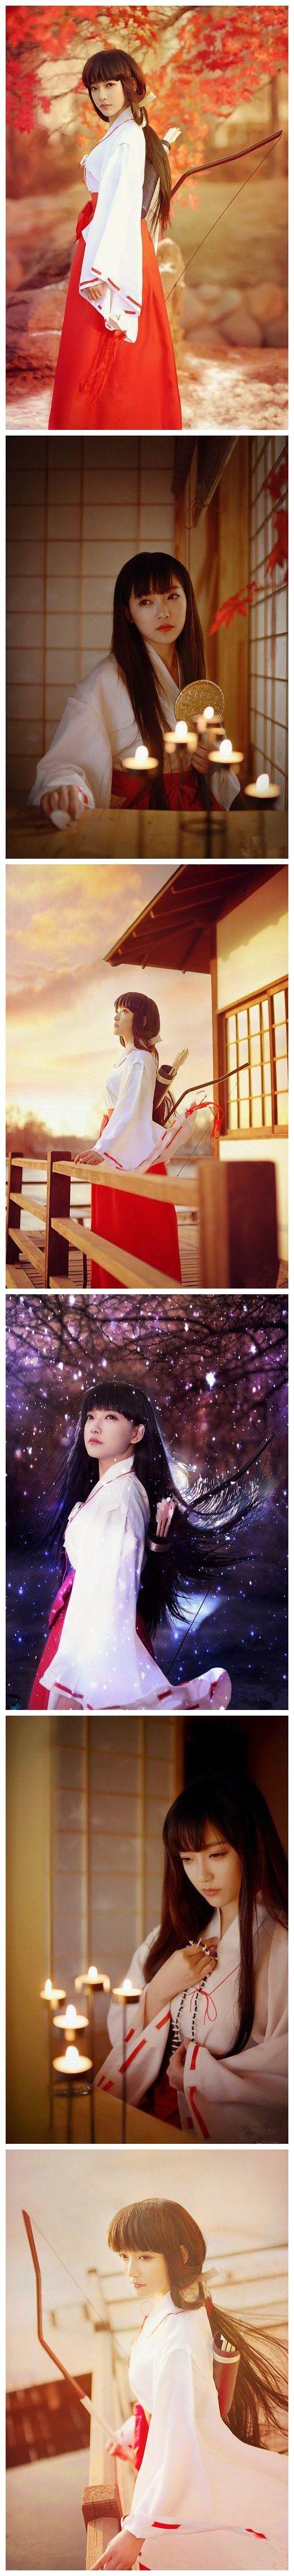 Kikyo Inuyasha #anime #cosplay